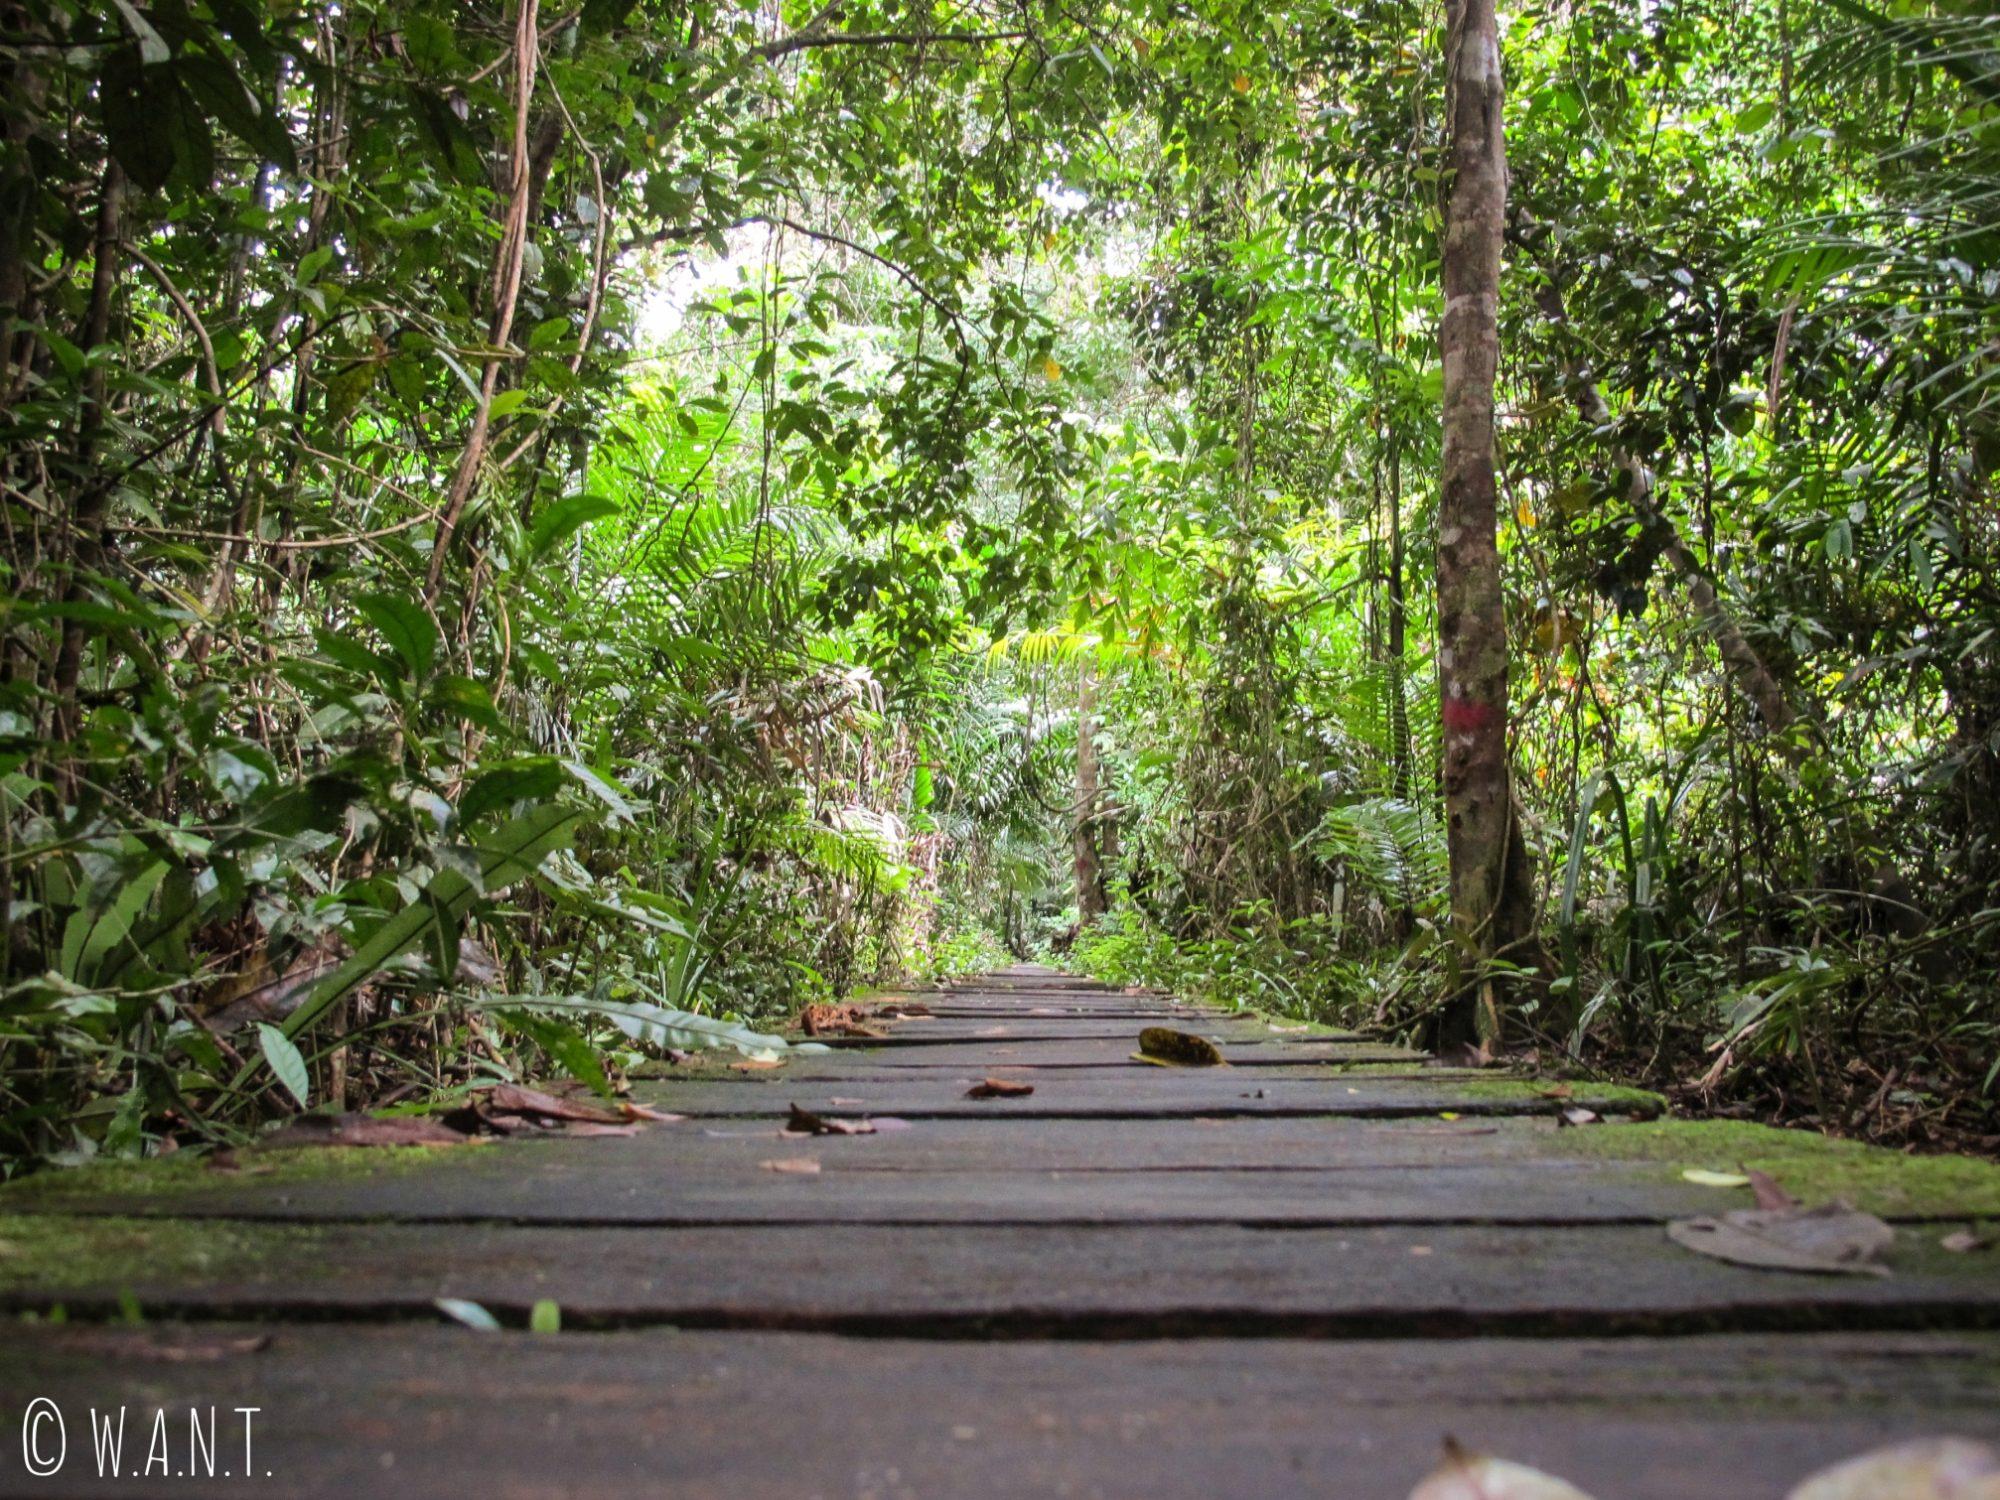 Allée à travers la forêt, menant au trail numéro 4 Ulu Assam du Bako National Park